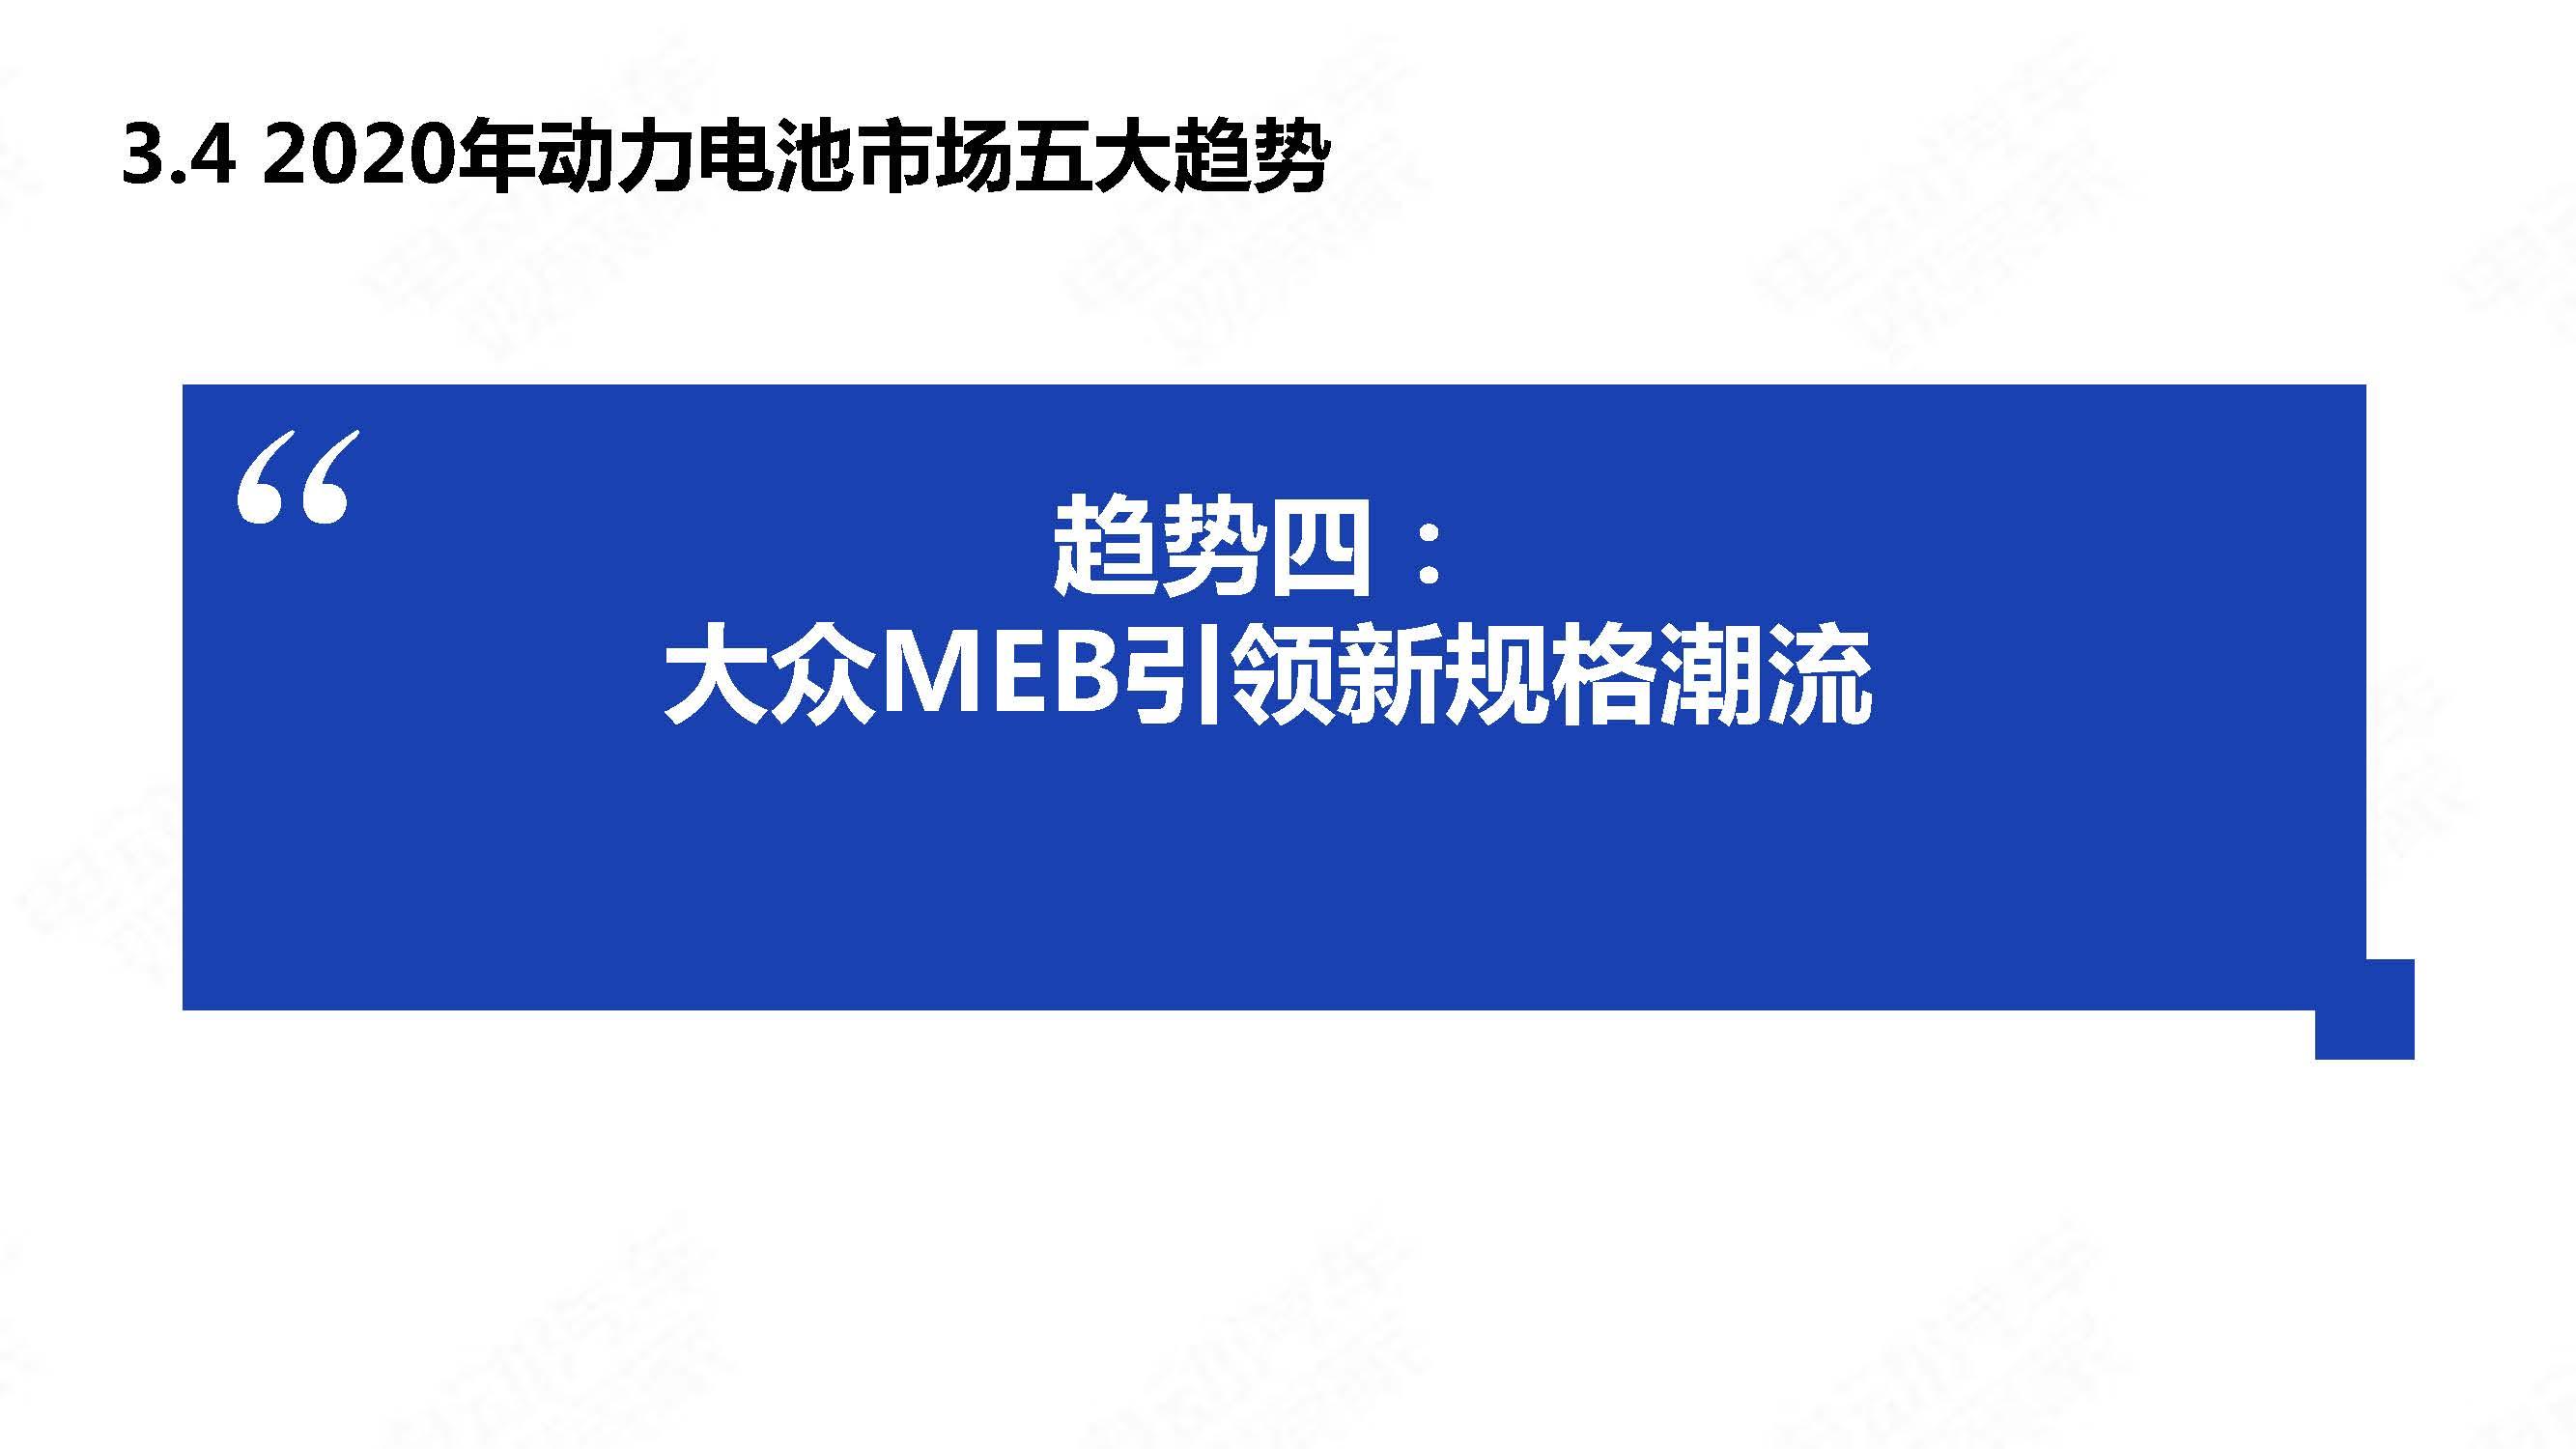 中国新能源汽车产业年度观察2020 简版_页面_38